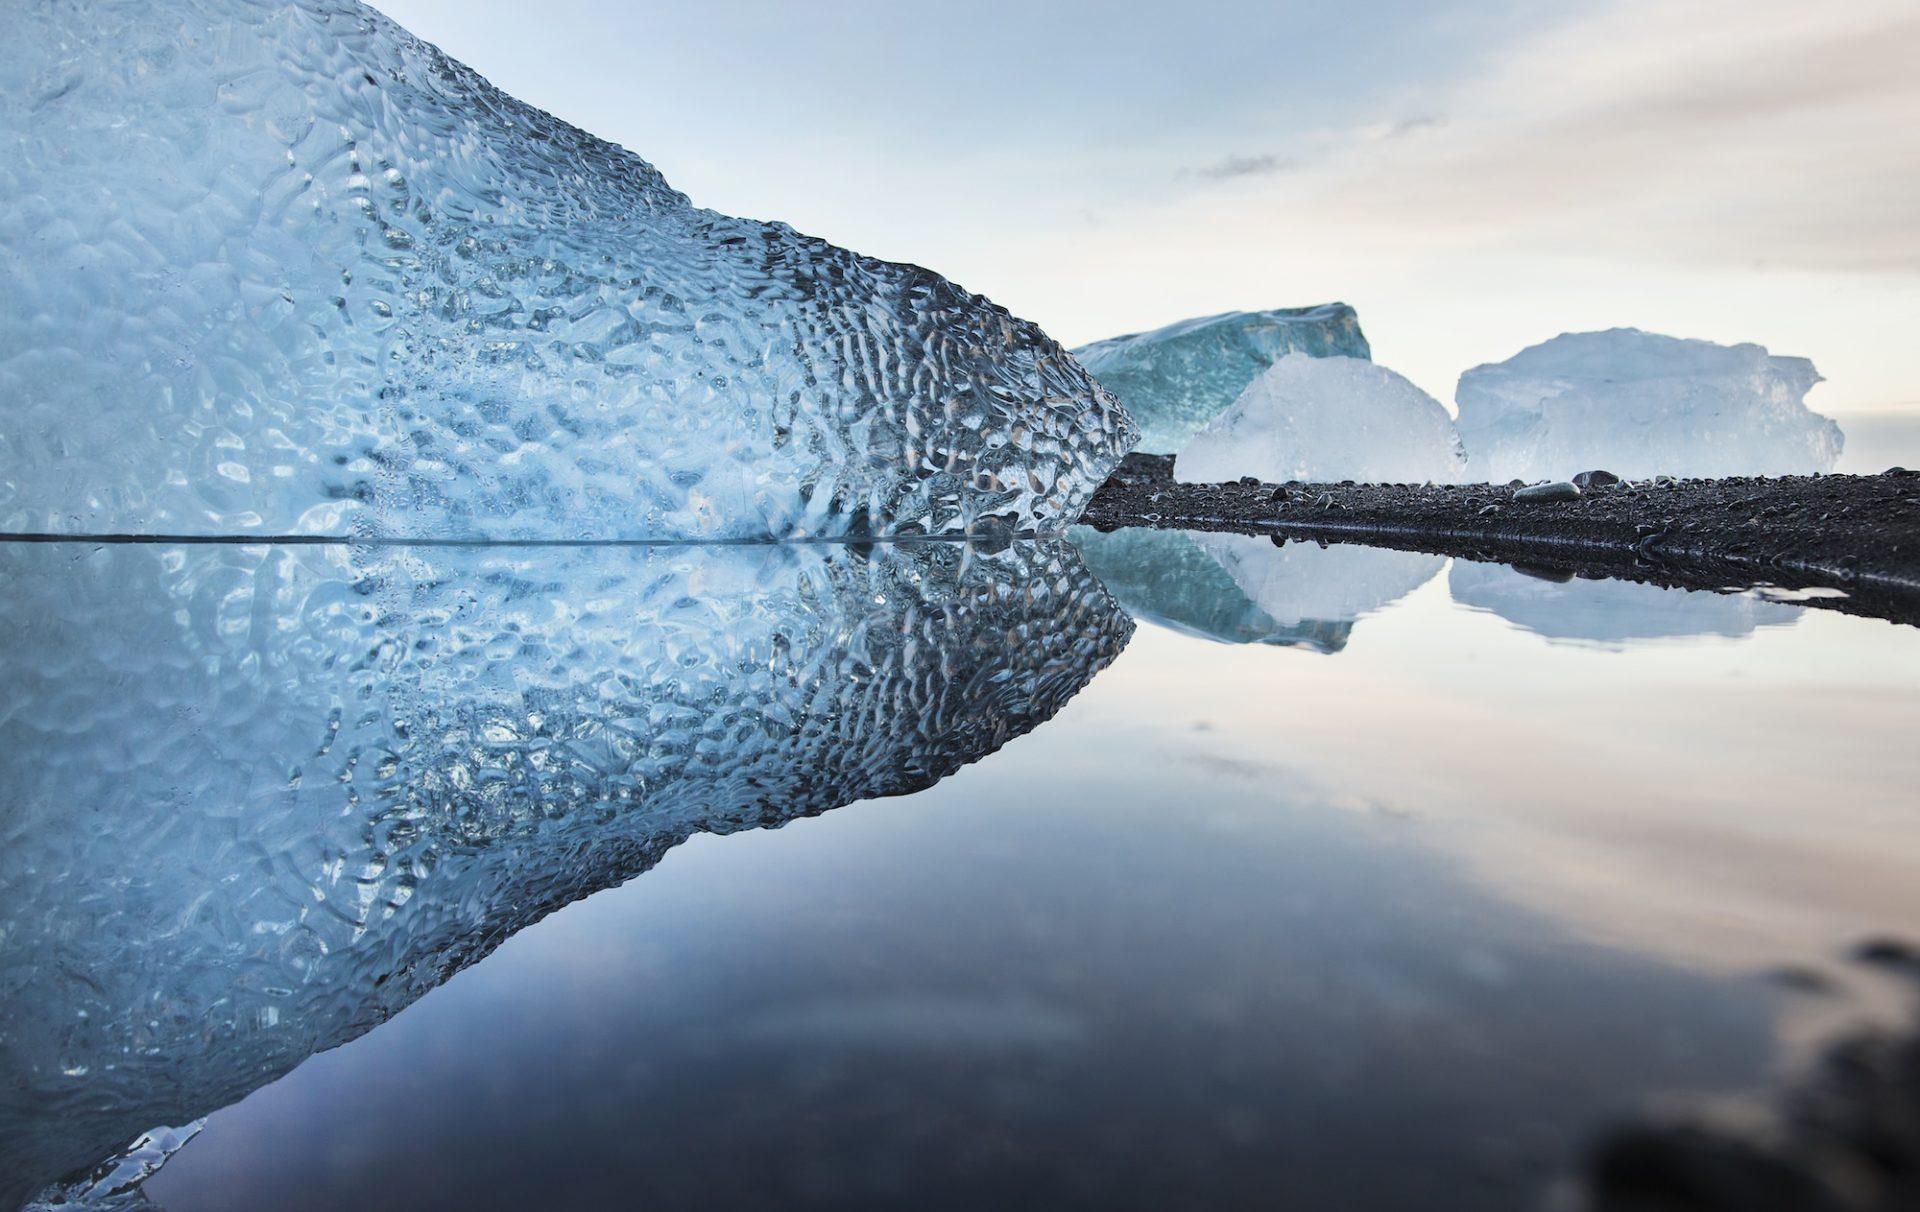 Islanti on tulen ja jään maa. Tänne tullaan - ja jotkut jäävät. (Kuva: Björgvin Hilmarsson)